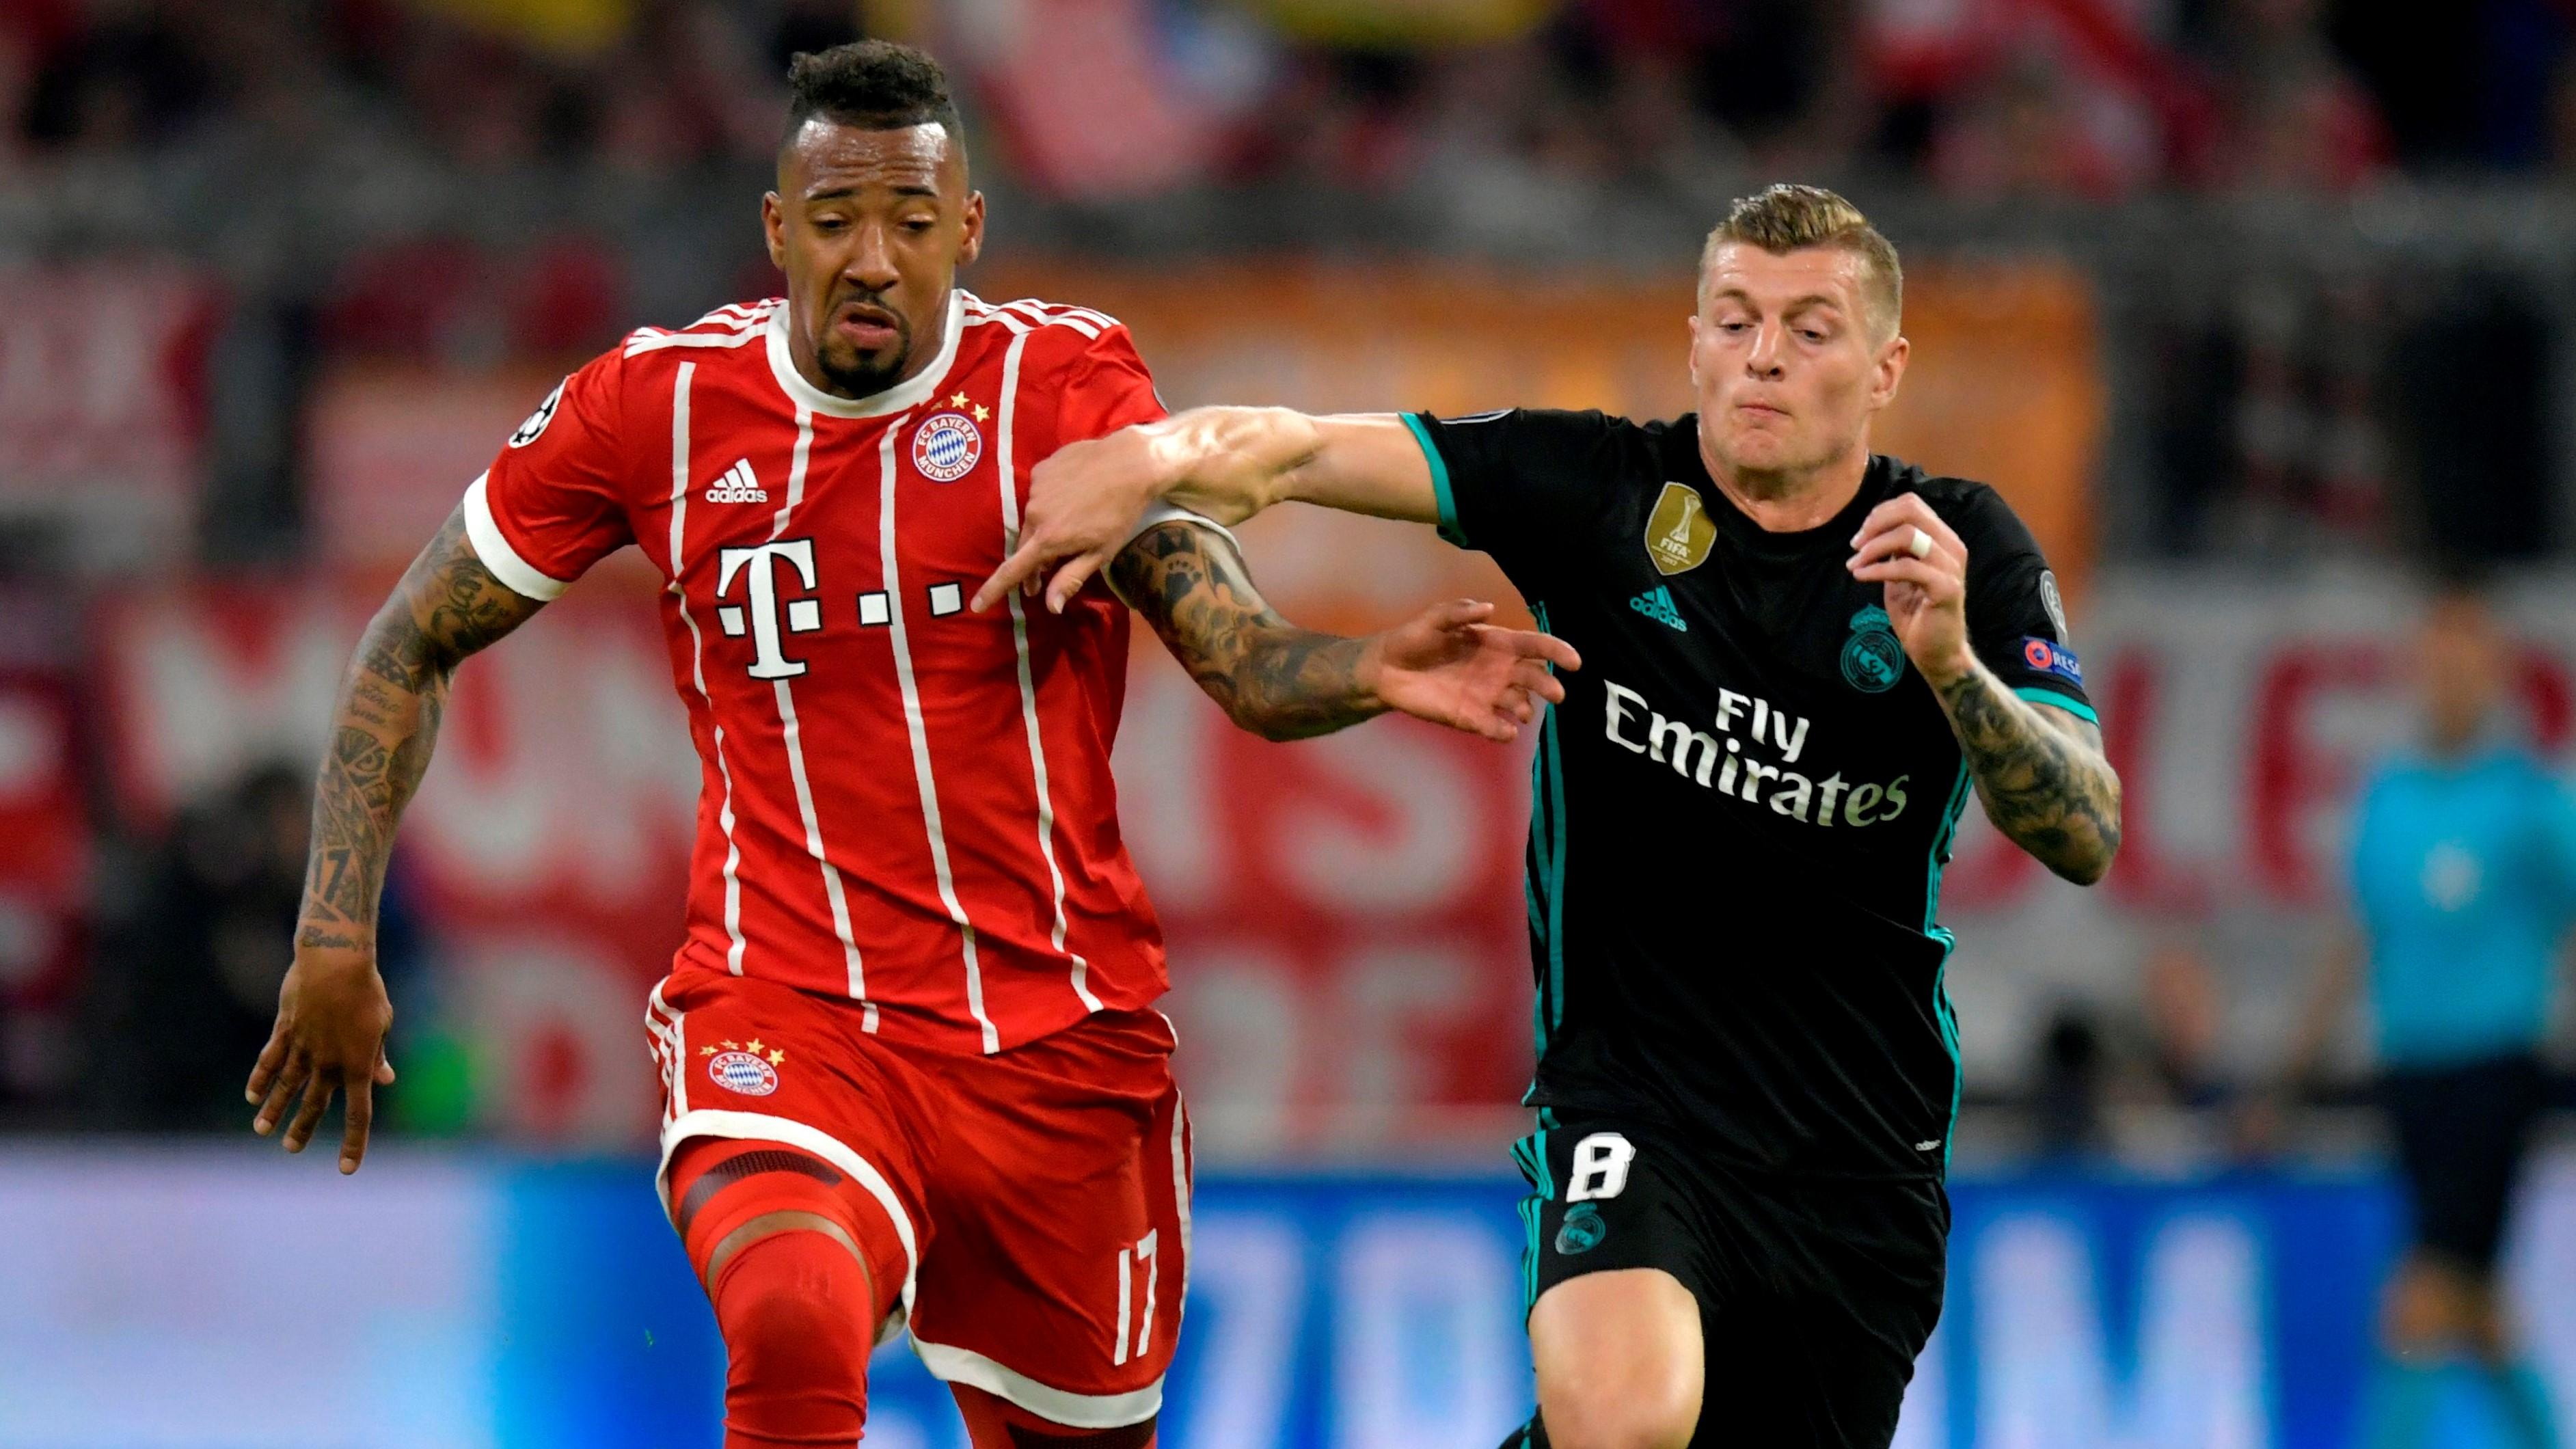 Jerome Boateng Toni Kroos Bayern Munich Real Madrid UCL 25042018